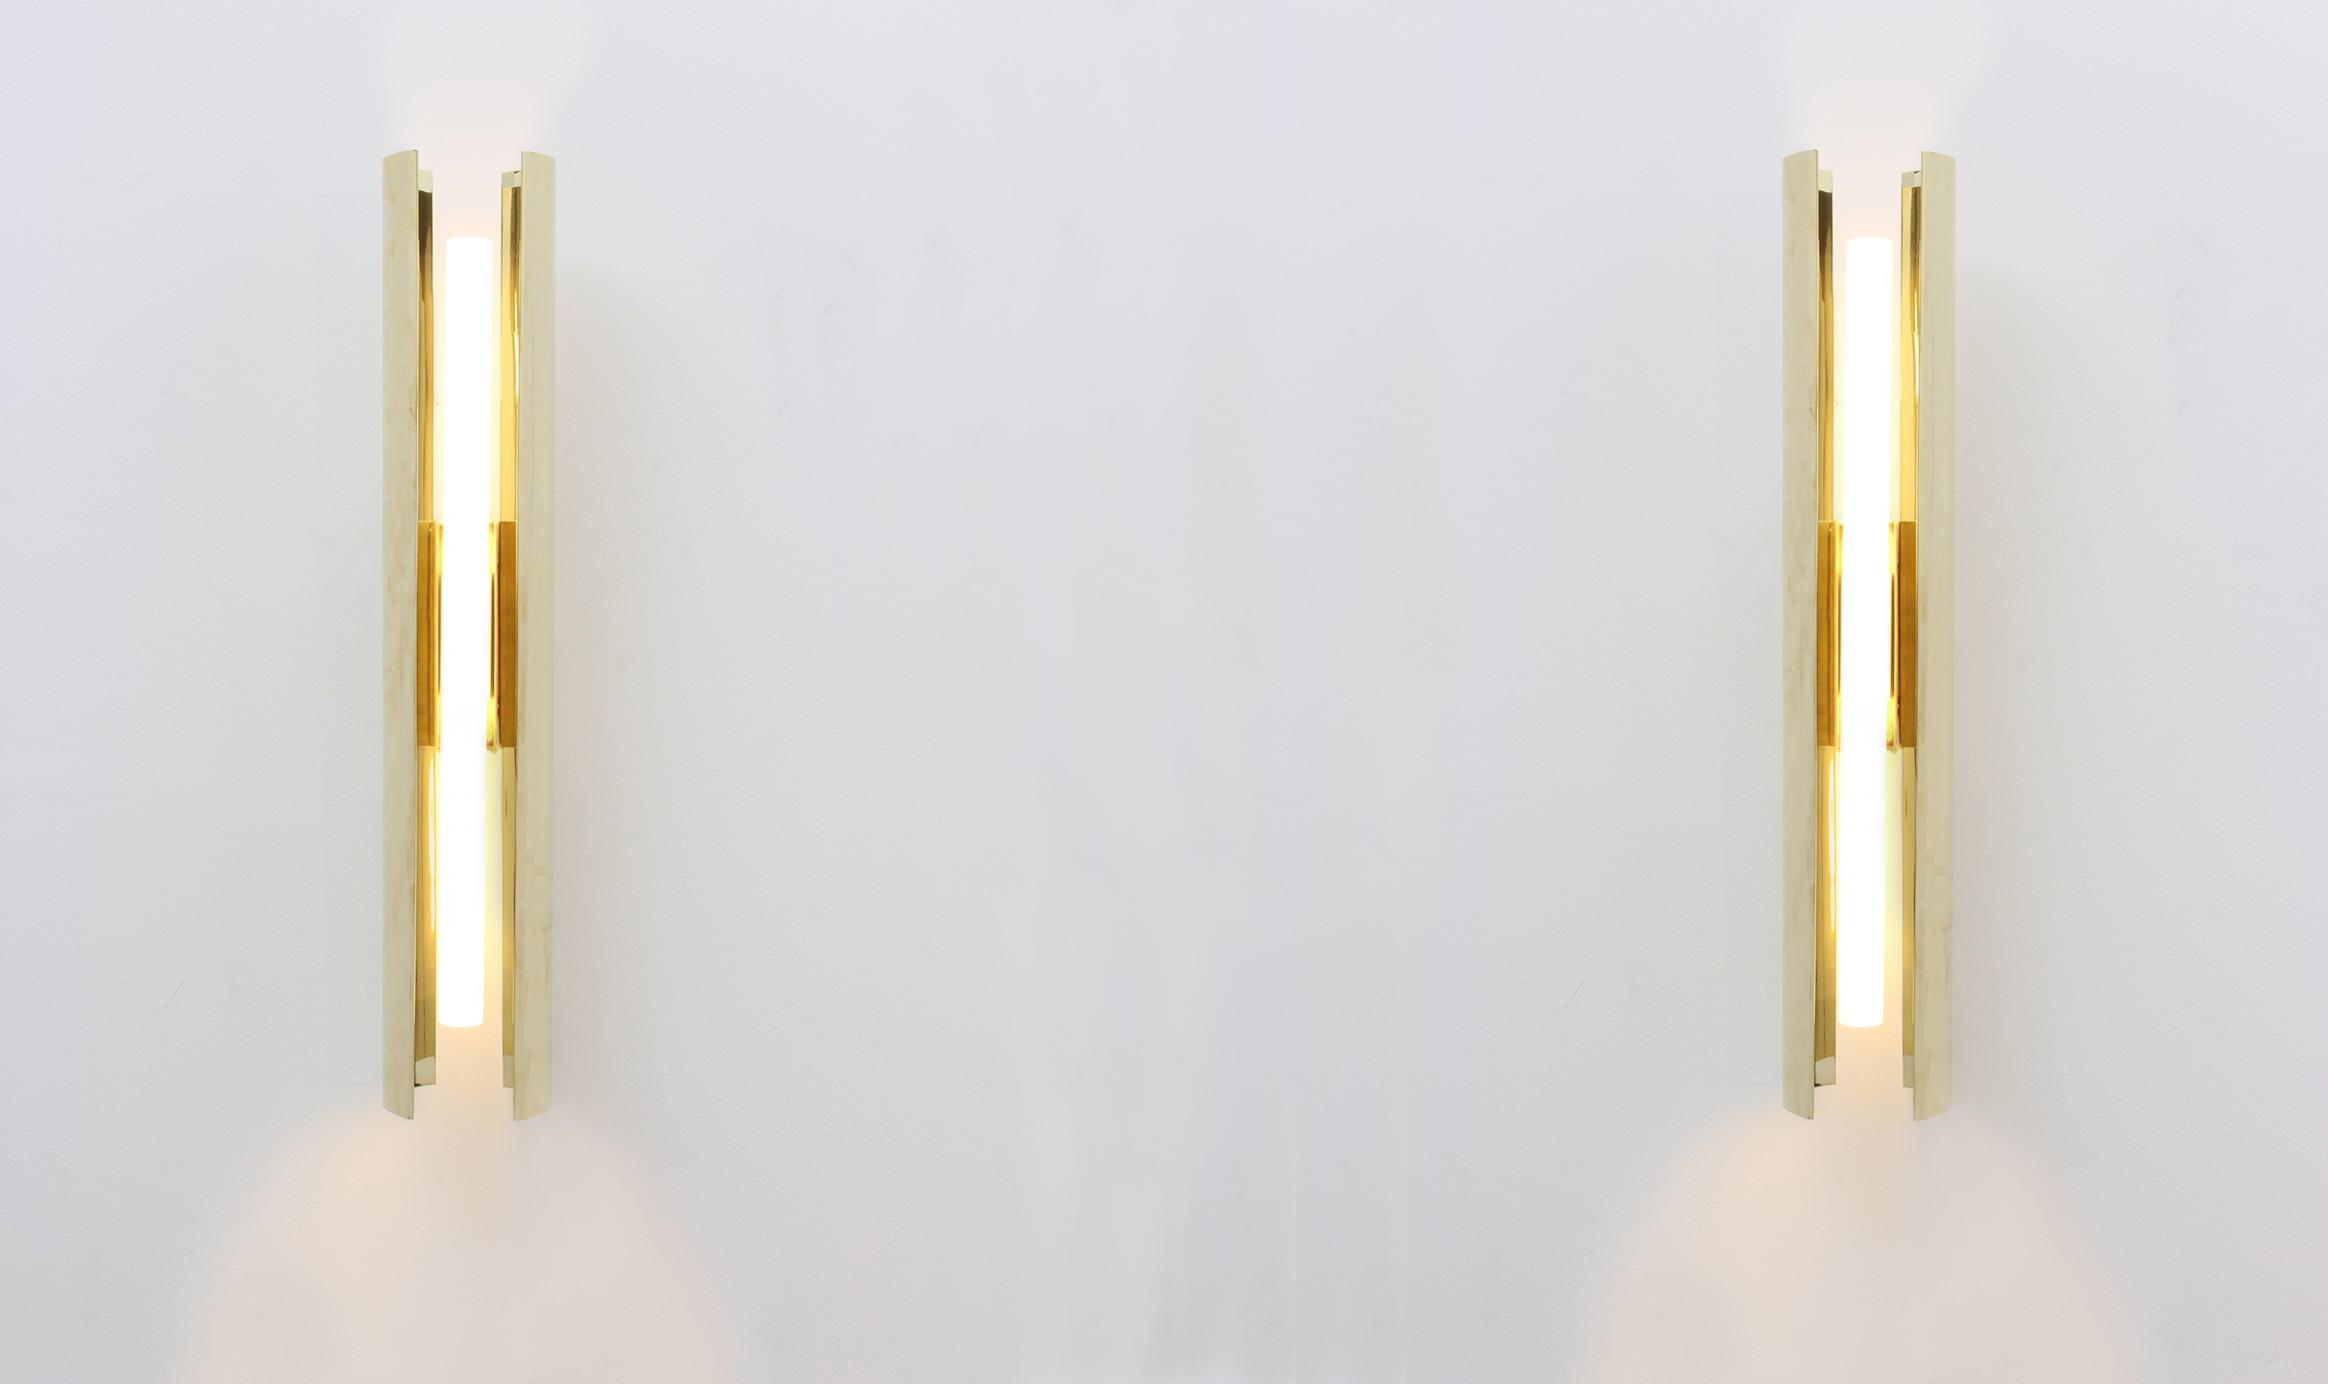 Bevilacqua Architects Scipioni Brass Wall Lamp